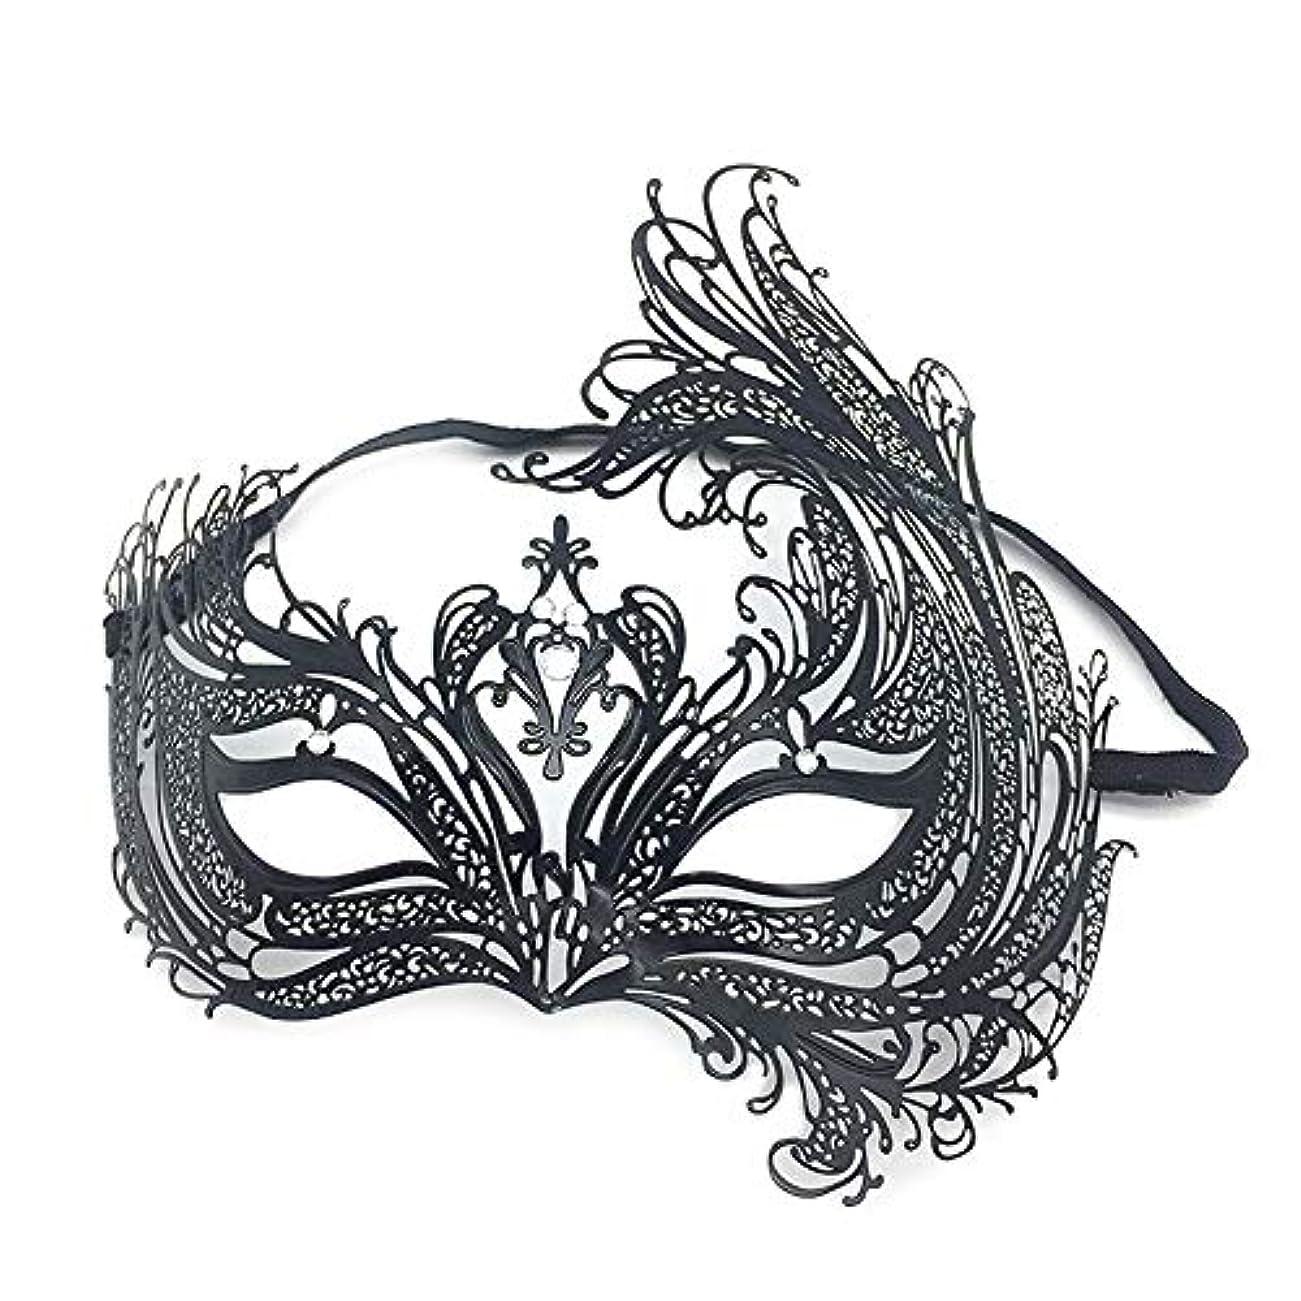 肉屋達成する疎外ハロウィンマスクメタルダイヤモンドマスカレードマスクパーティーブラックセクシーなハーフフェイスフェニックスマスク